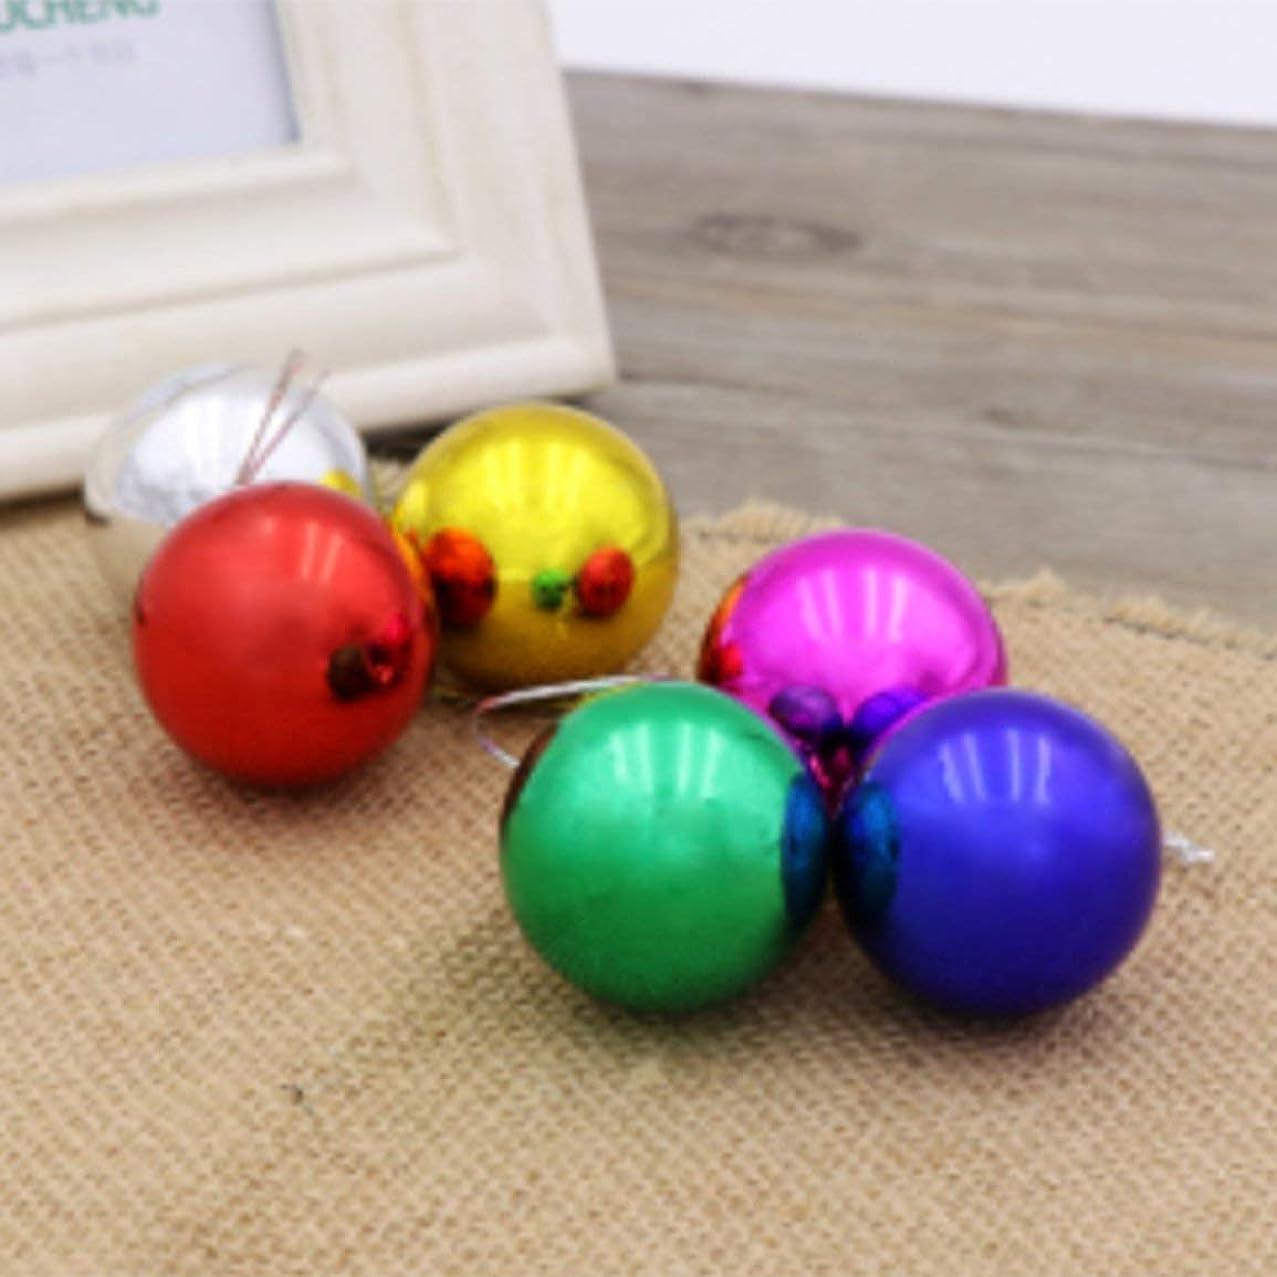 上回る哲学的占める24pcsクリスマスデコレーションボール3cm / 4cm / 6cm / 8cm / 10cmバレルカラーボールプラスチックメッキボールクリスマスツリーデコレーション-